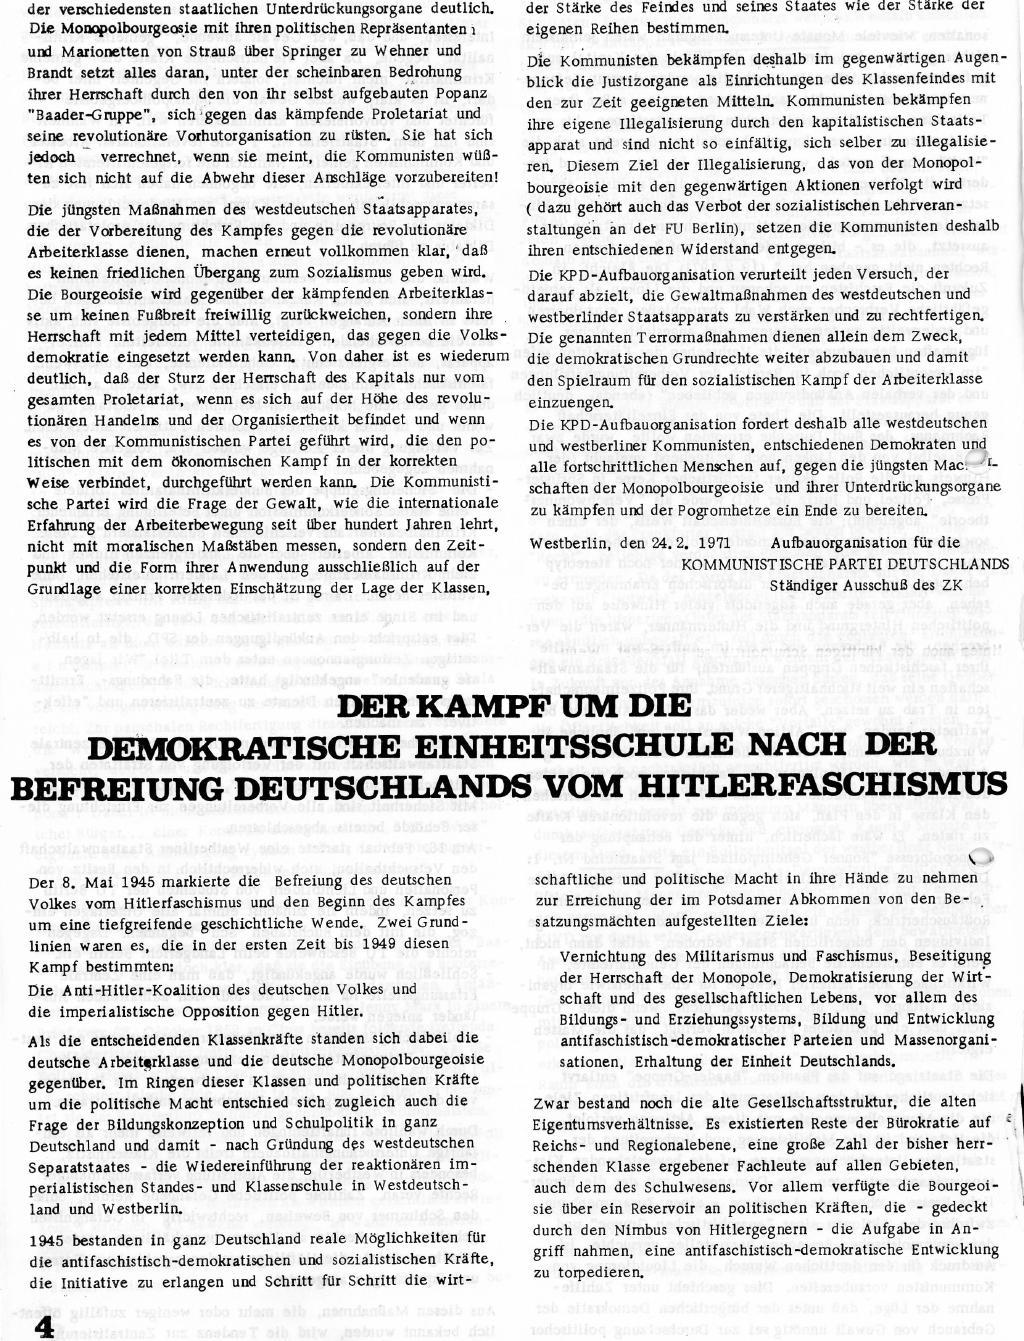 RPK_1971_104_04